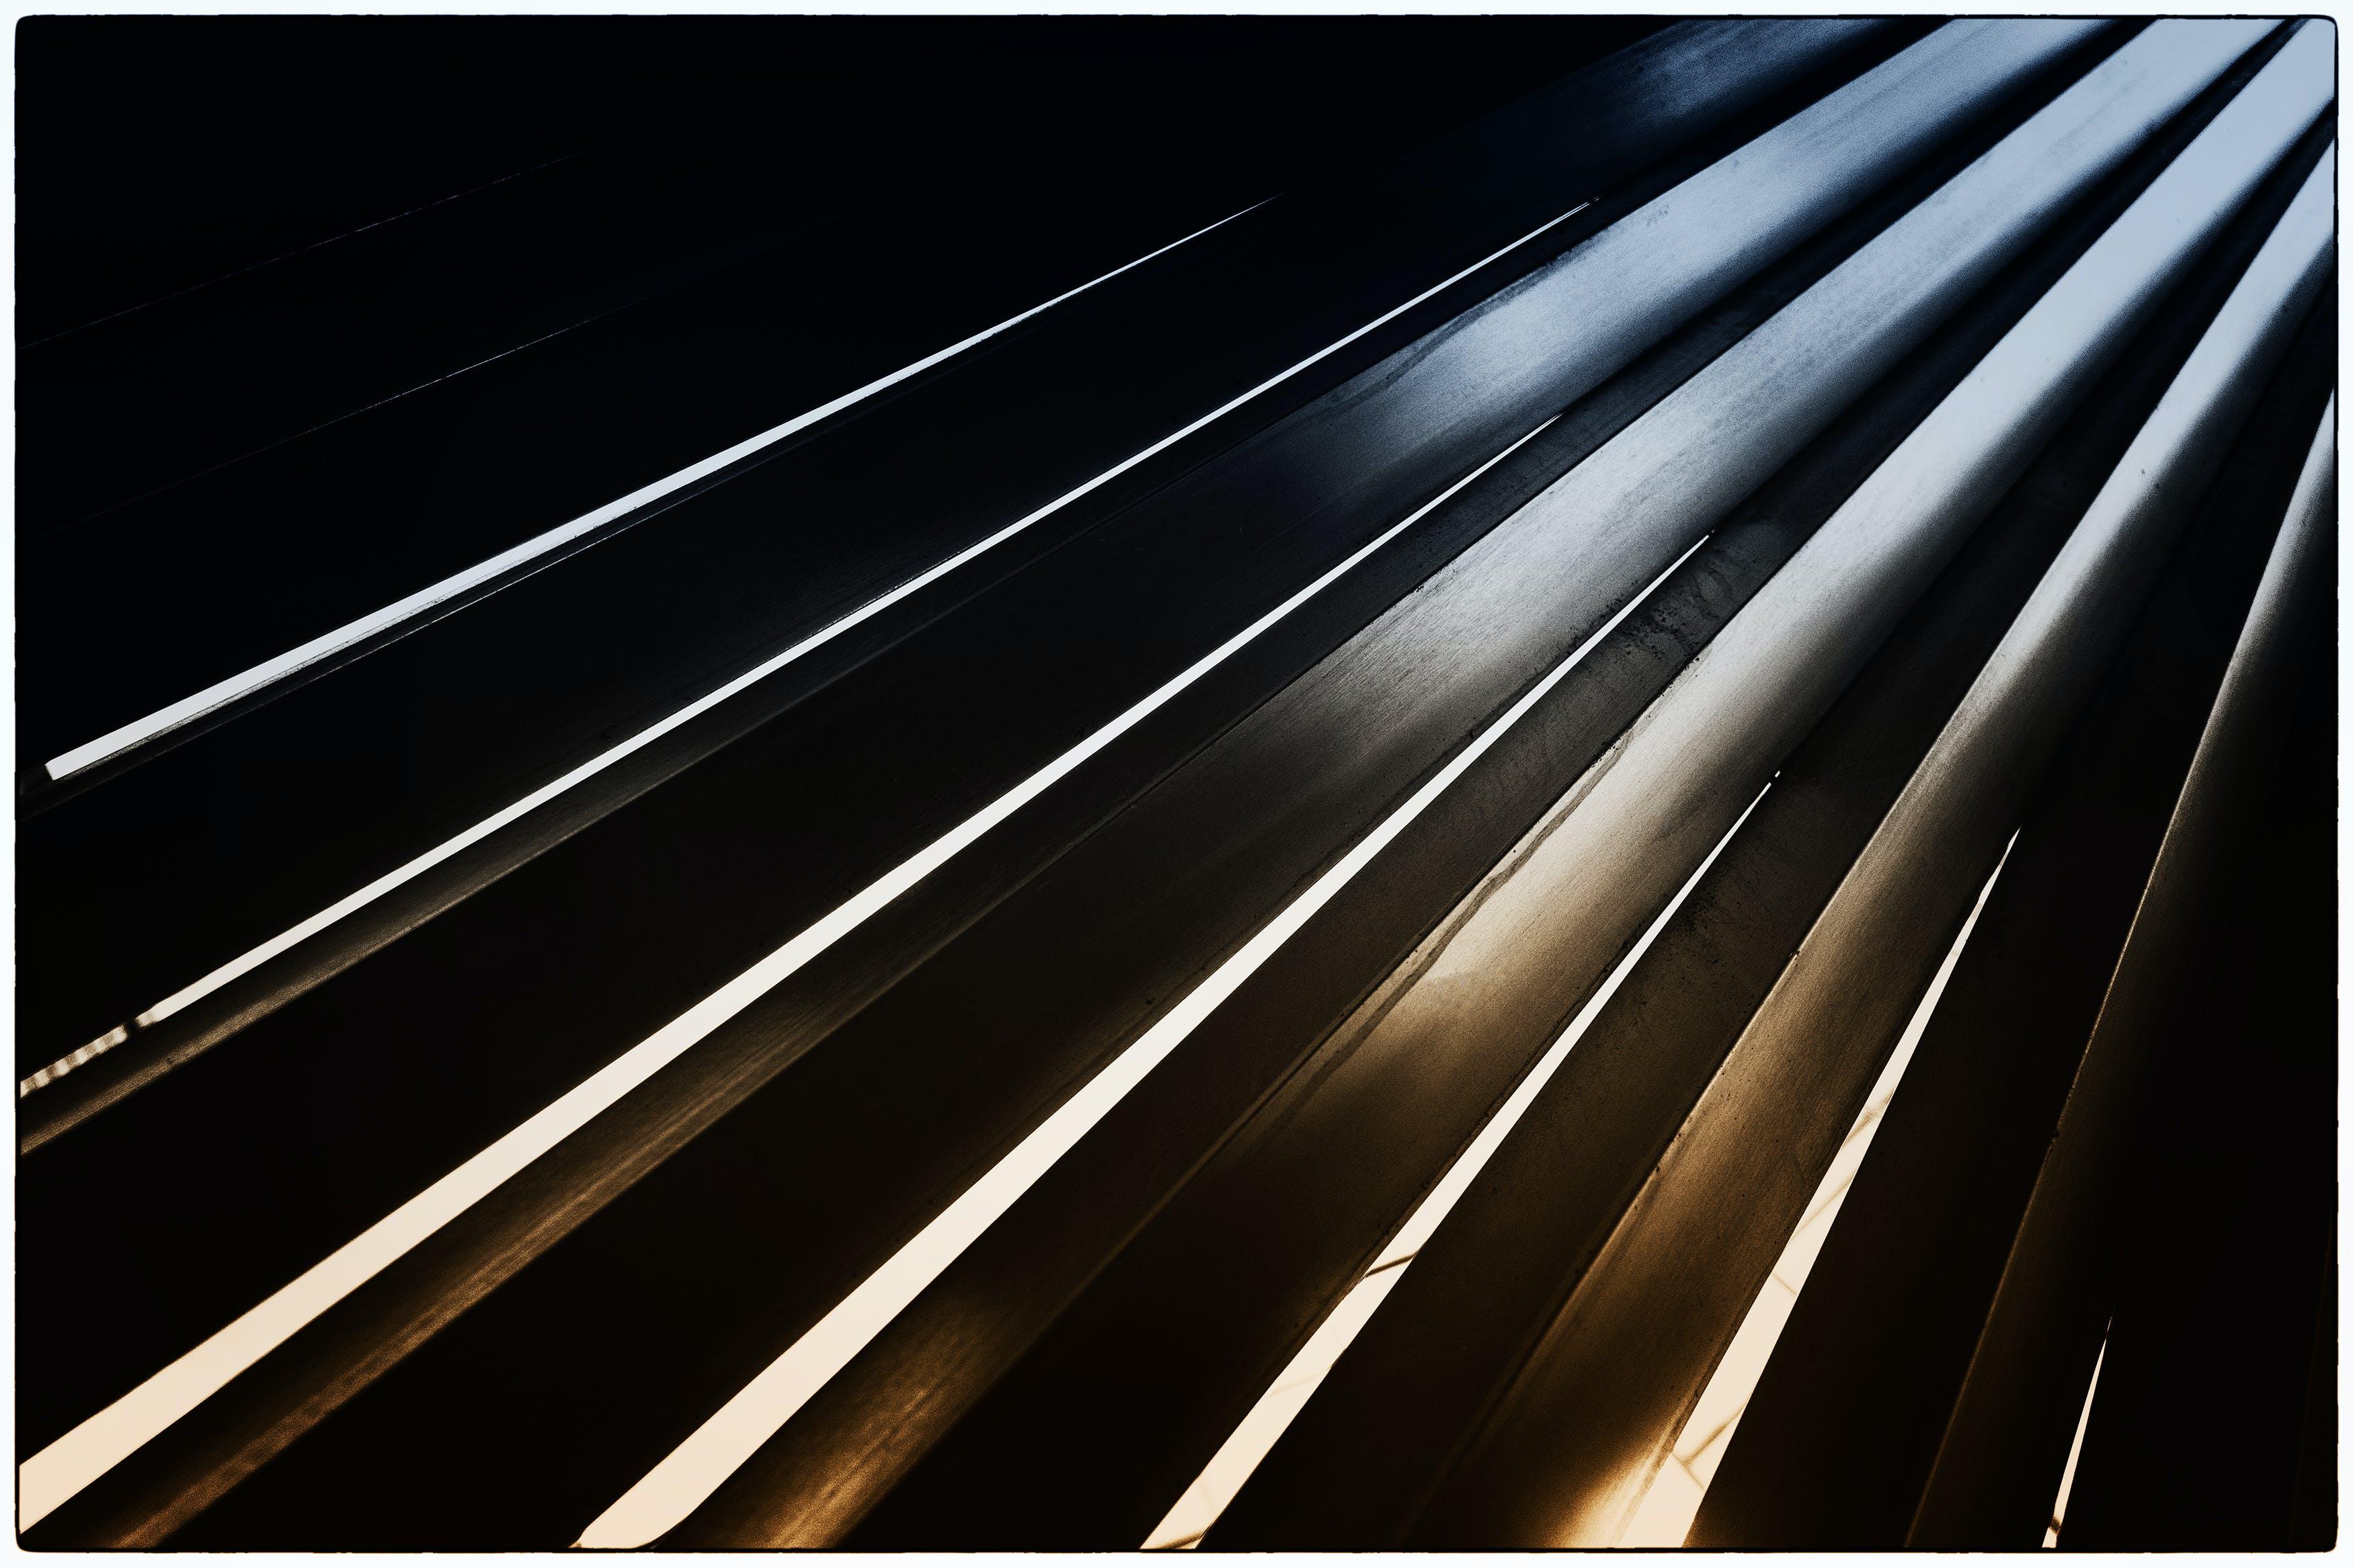 Ingyenes stockfotó acél- és betonszerkezet, építészet, fali művészet, fény és árnyék témában